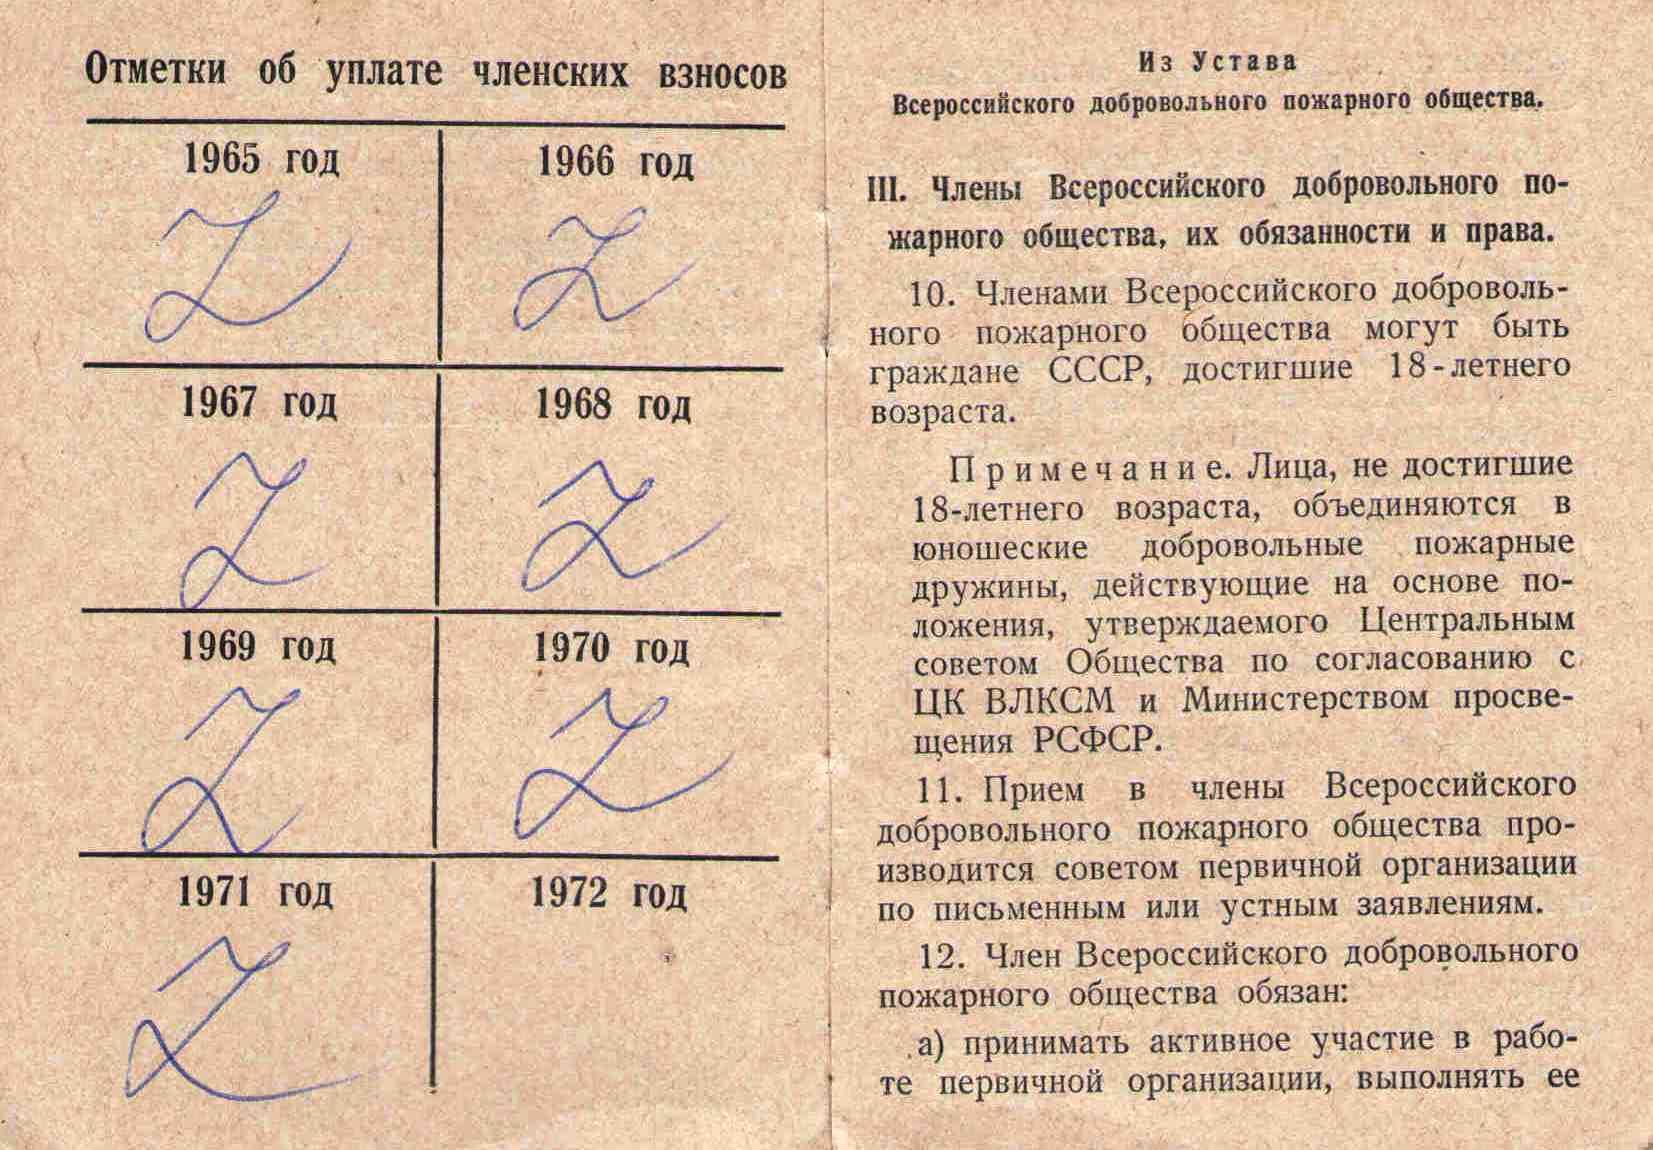 61. Членский билет Всероссийского добровольного пожарного общества, 1976